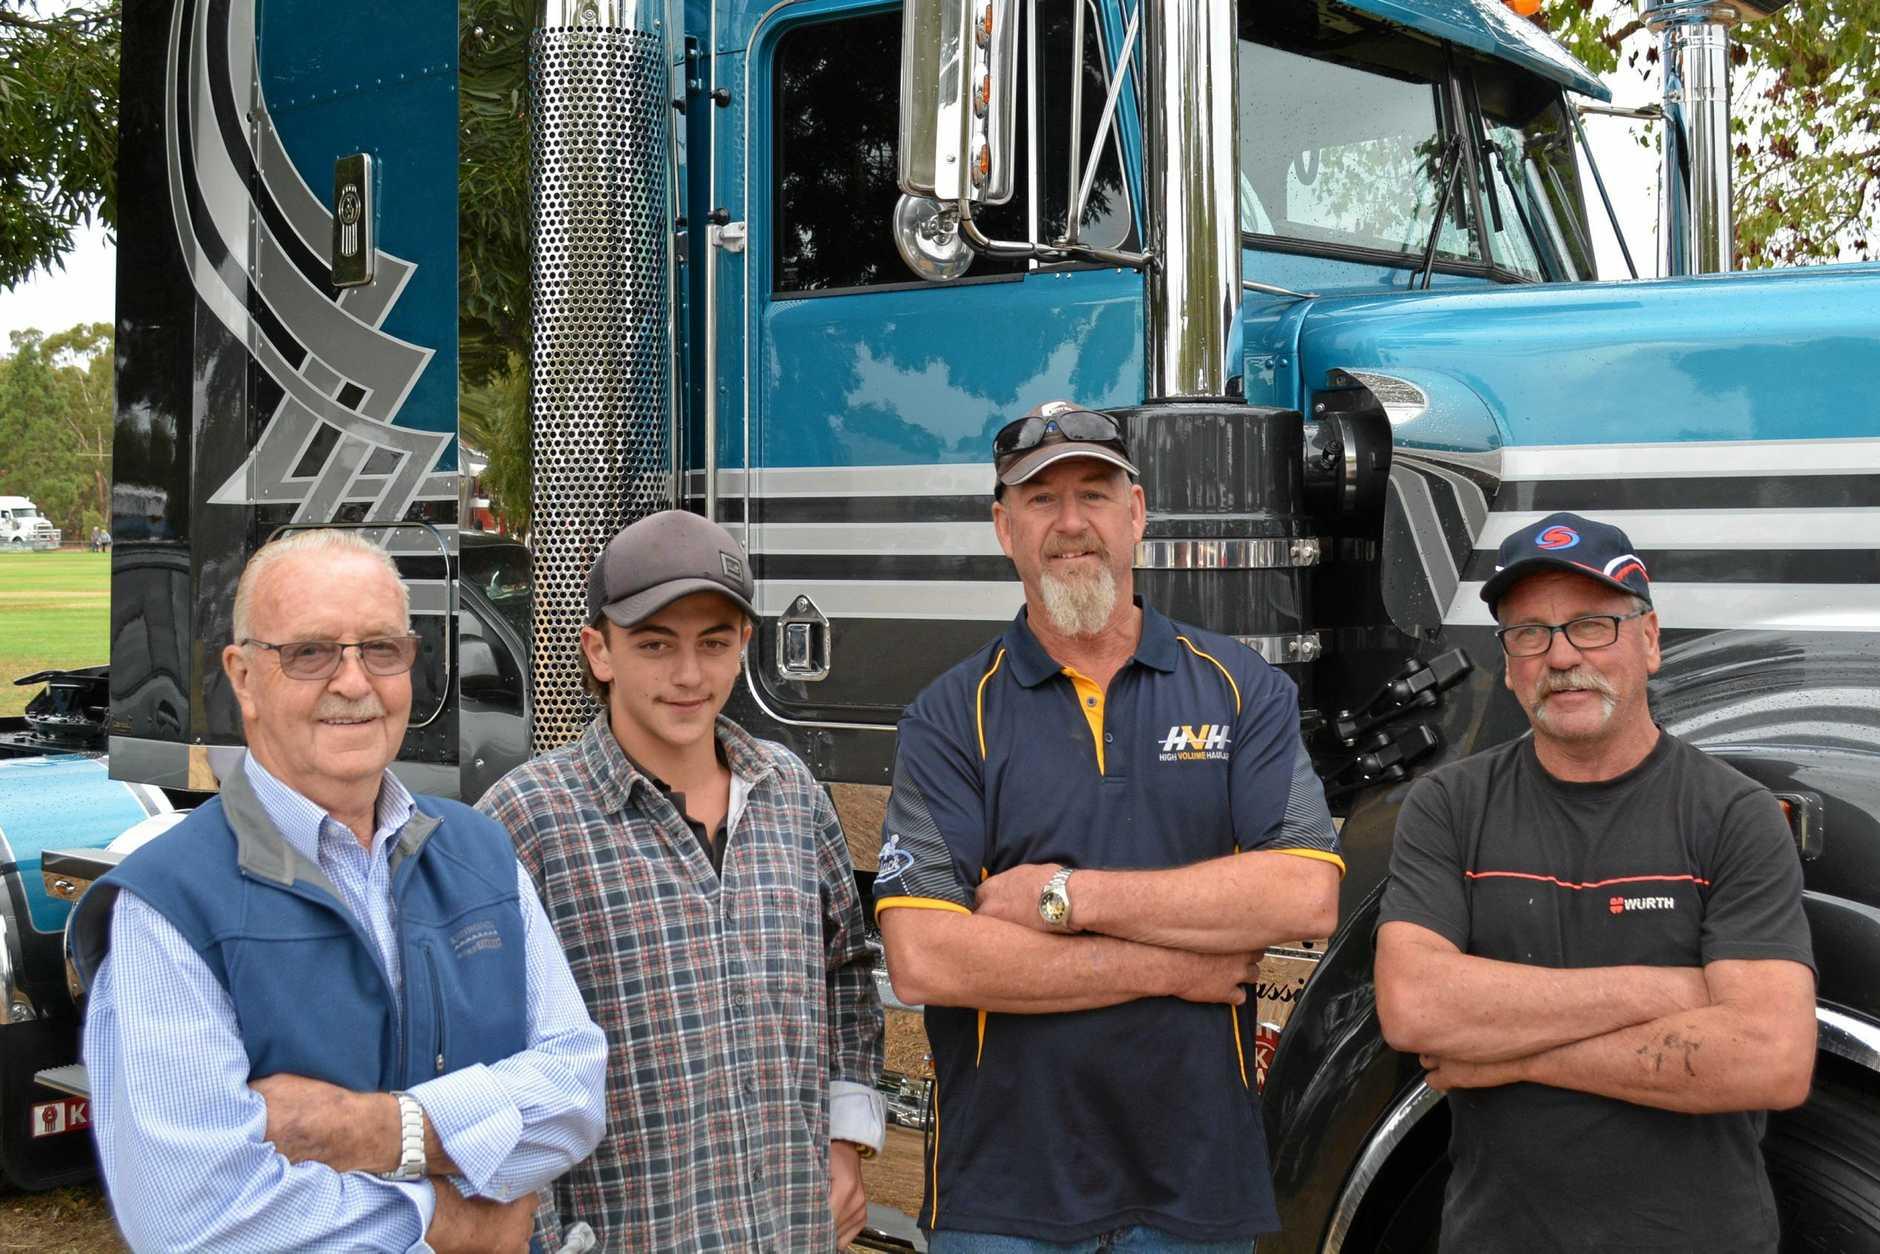 The Cobram crew (from left) Graham Dickson, Kobey Dickson, Neil Hort and Barry Dickson.